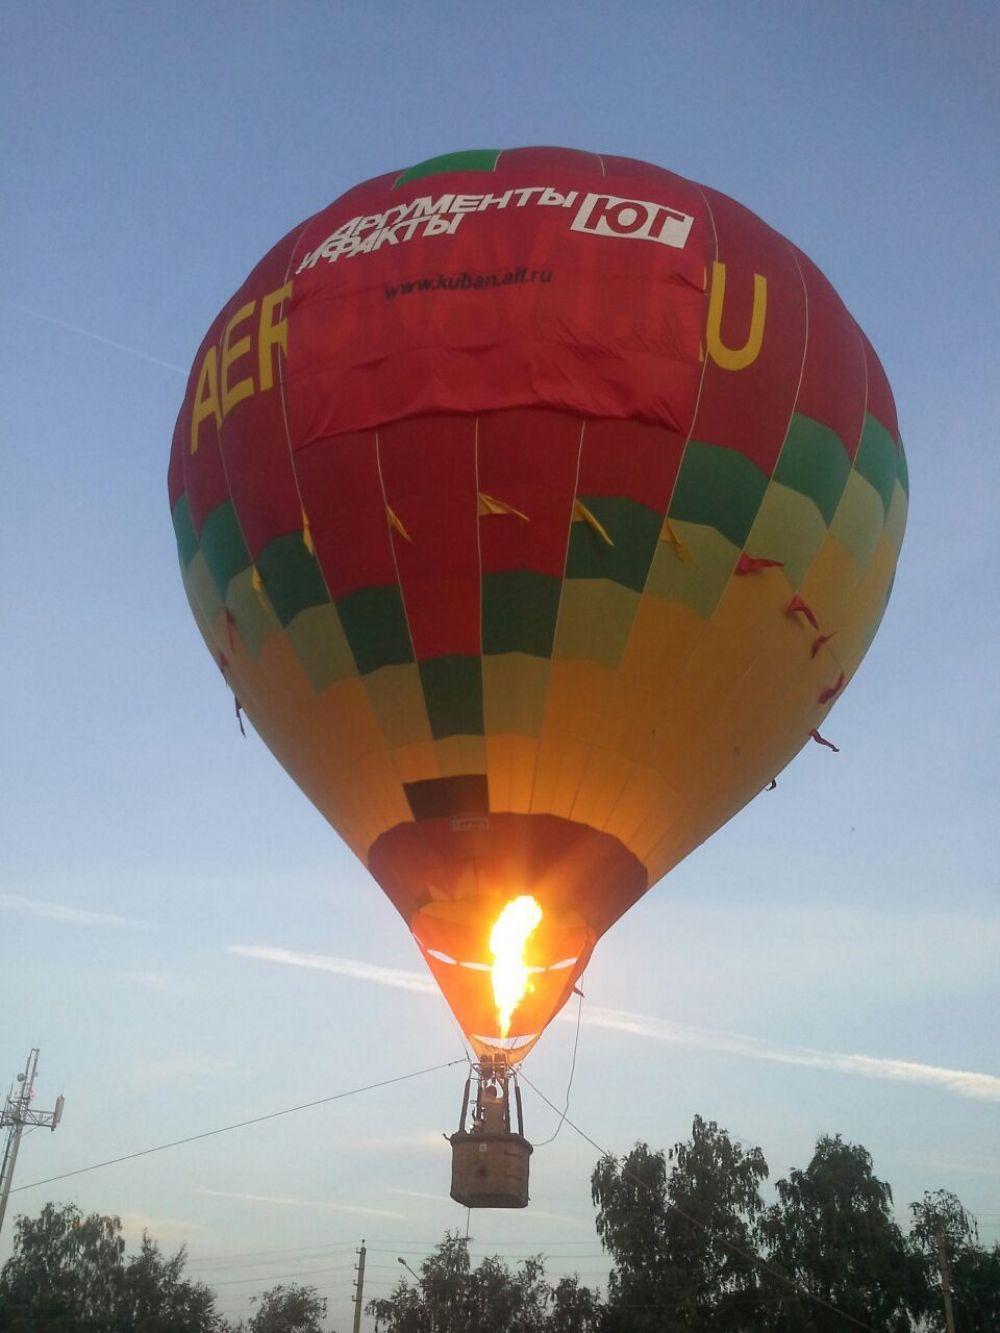 Участие в Kuban AirShow 2017 приняла и Региональная федерация спортивного воздухоплавания Краснодарского края. Запуск воздушных шаров проходил на закате.